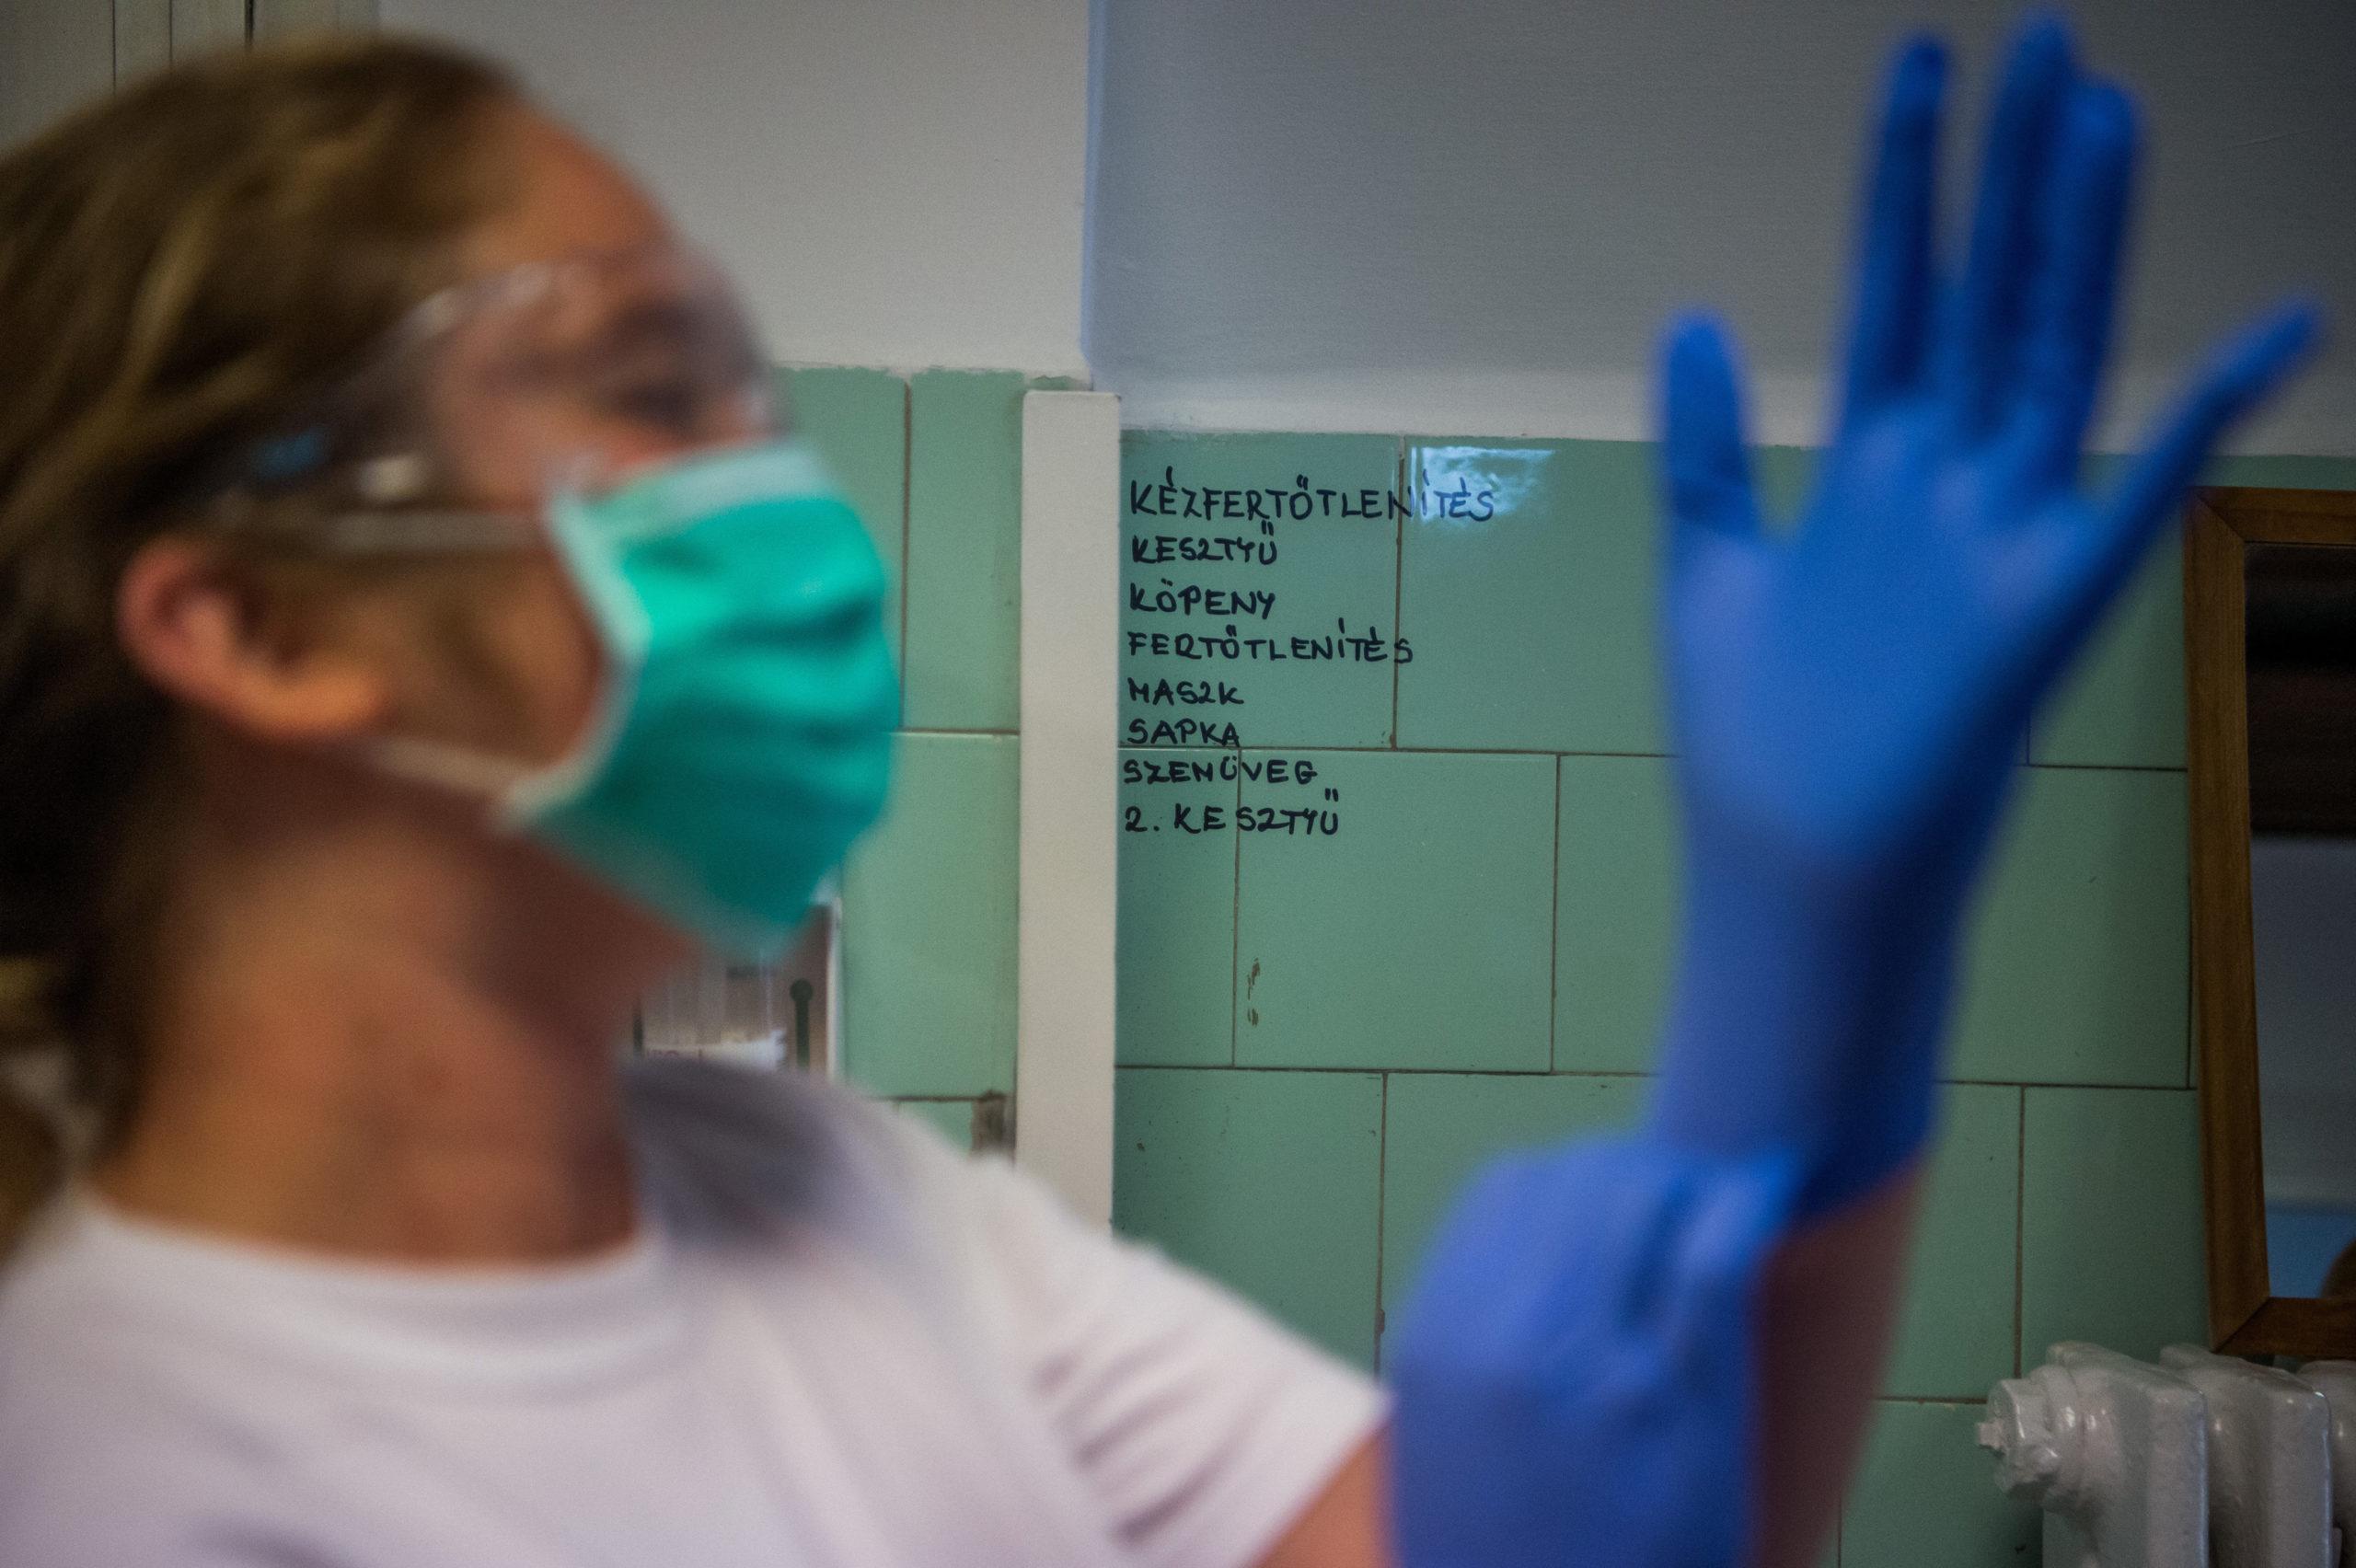 3816 főre nőtt a beazonosított fertőzöttek száma és elhunyt 4 krónikus beteg